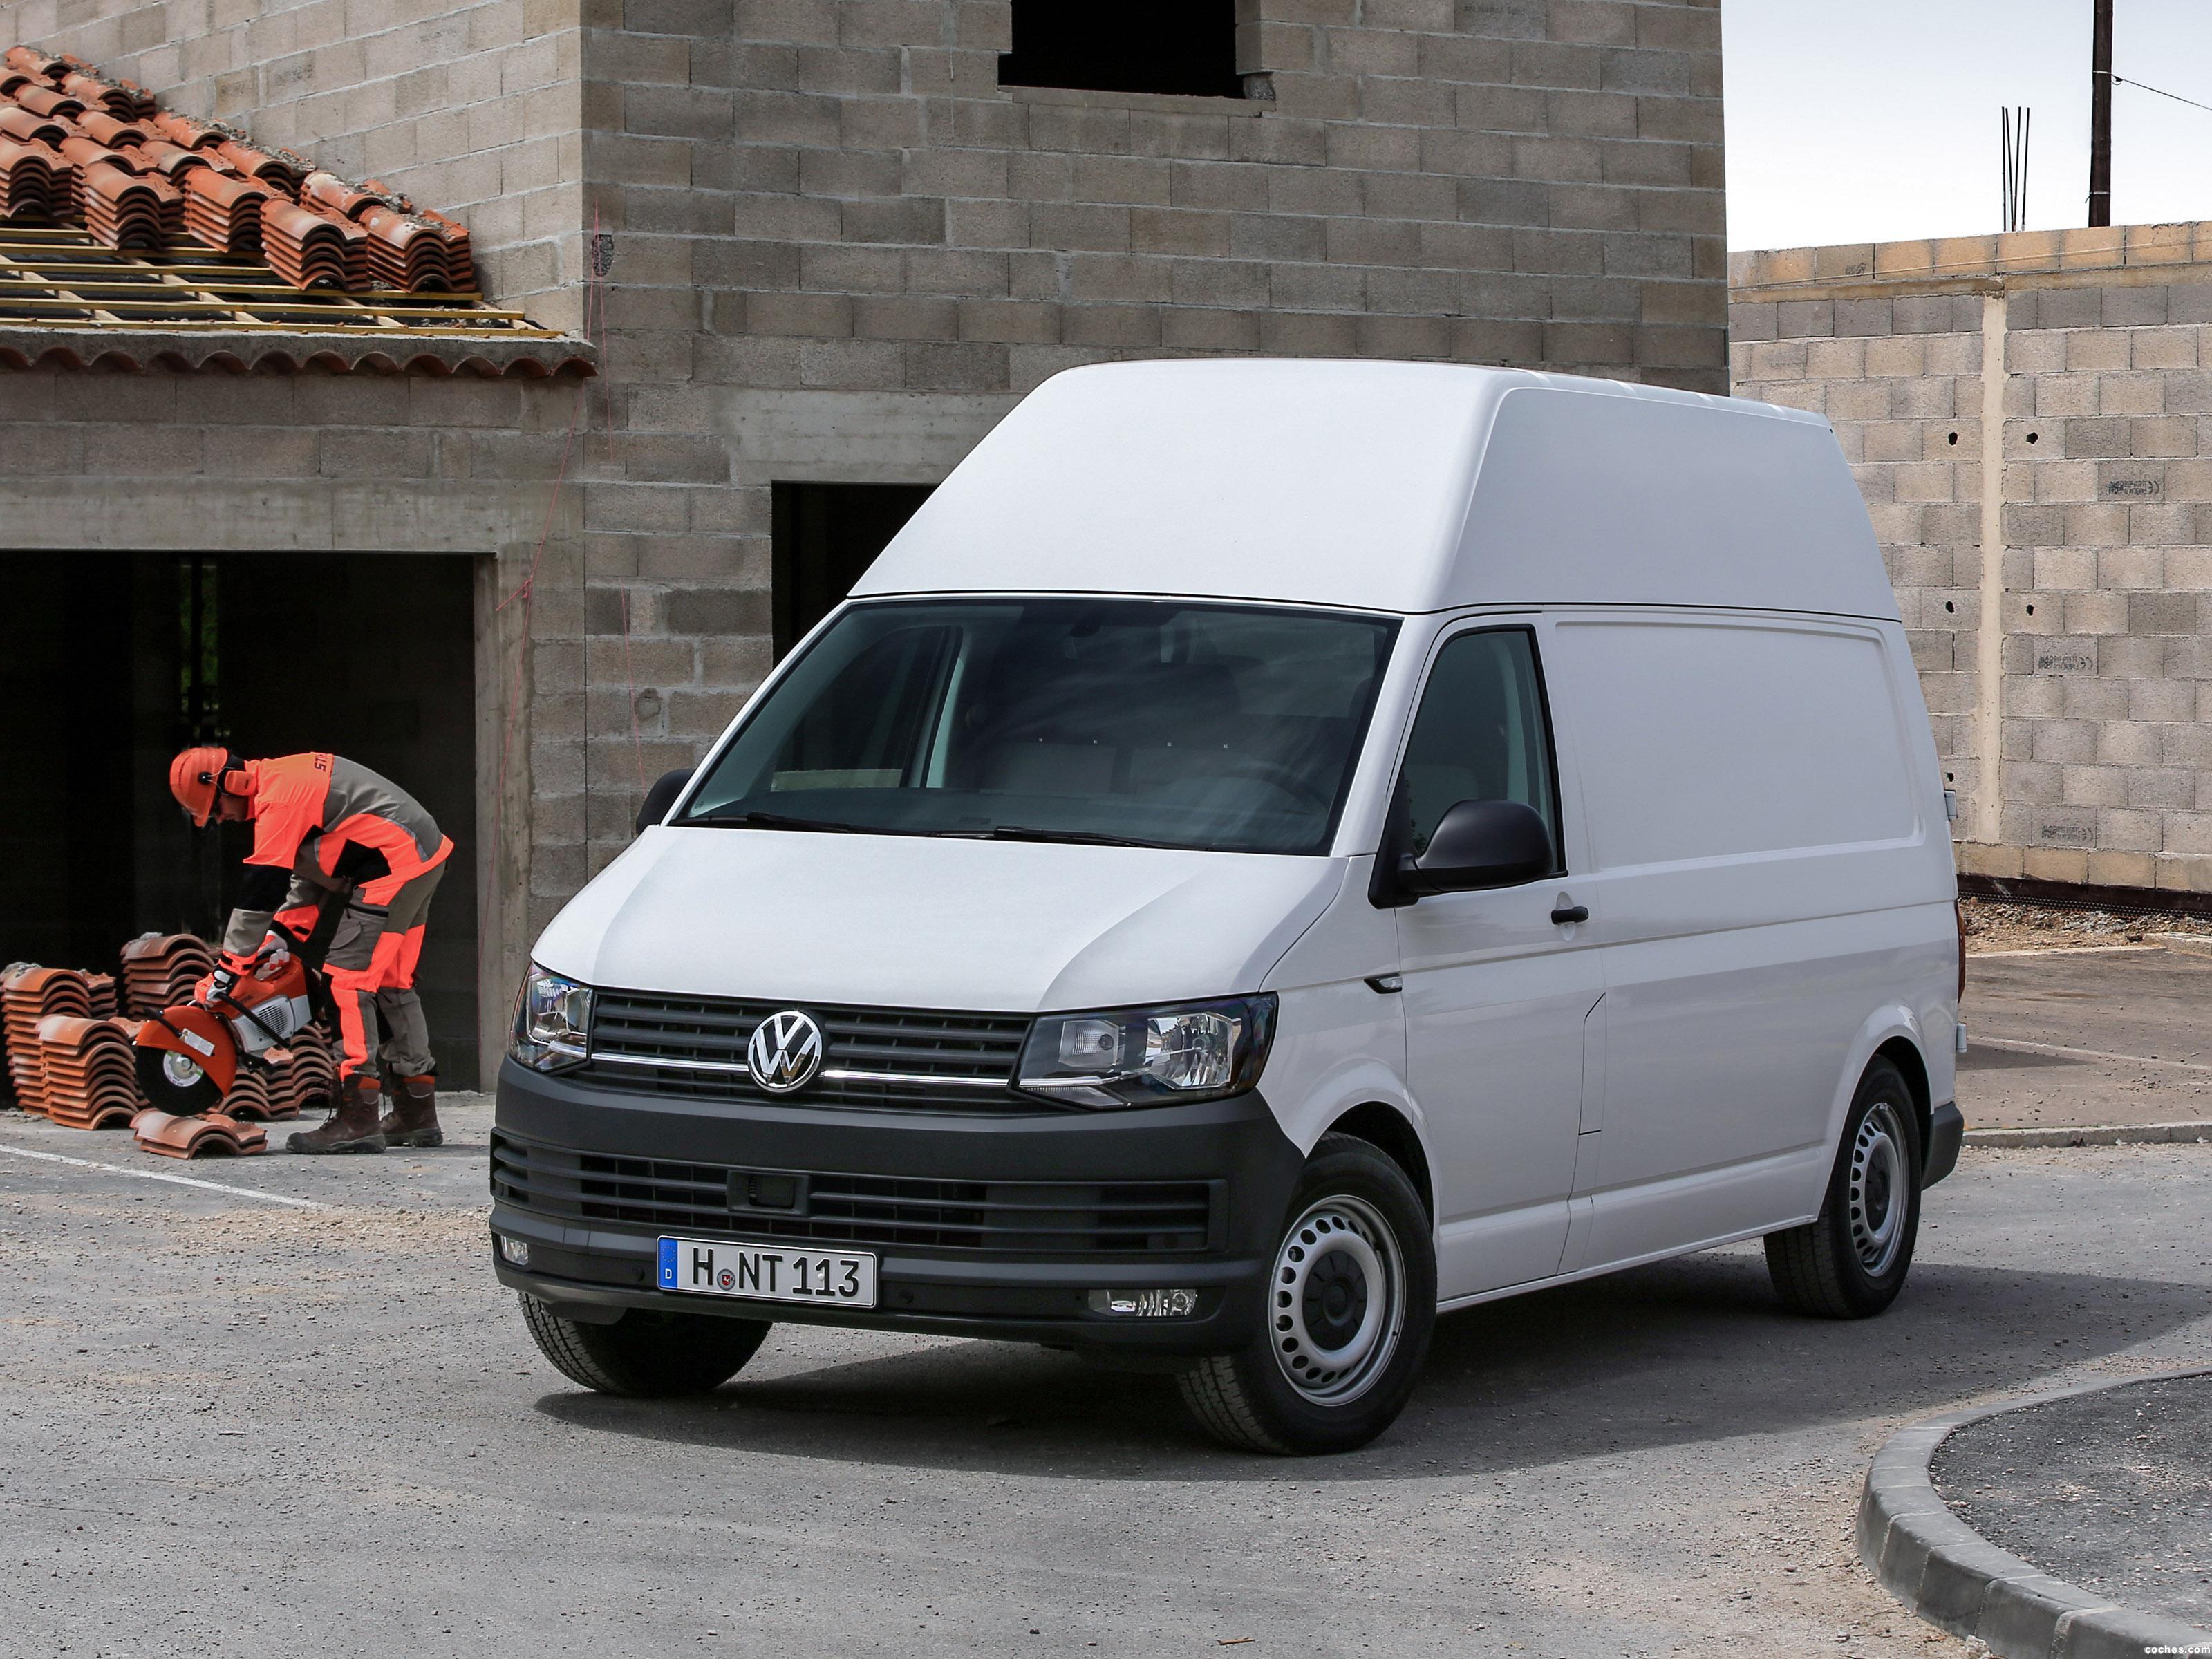 Volkswagen t5 транспортер колеса для транспортер т5